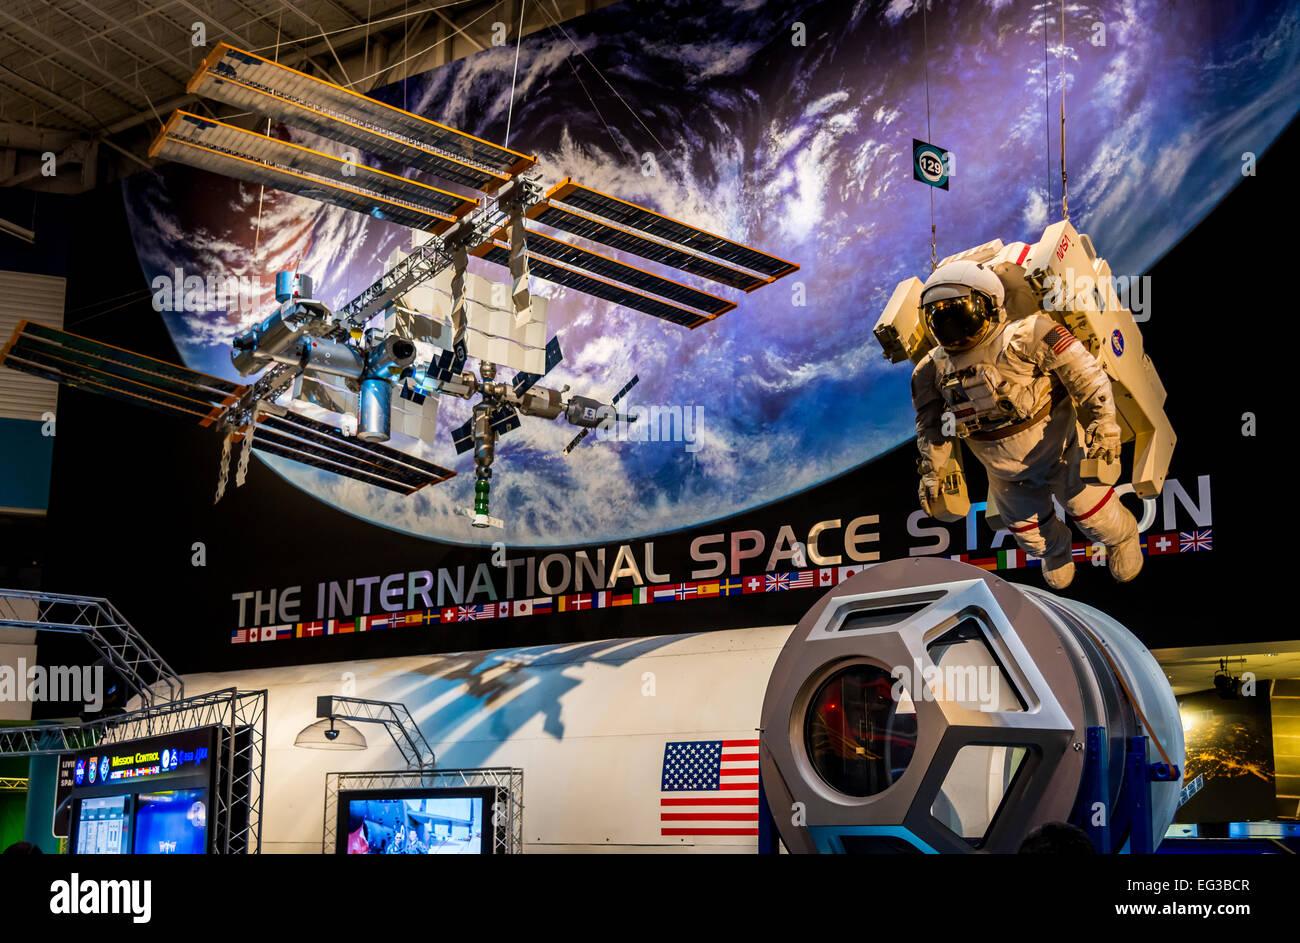 Le modèle de la Station spatiale internationale de la NASA Johnson Space Center, Houston, Texas, USA. Photo Stock